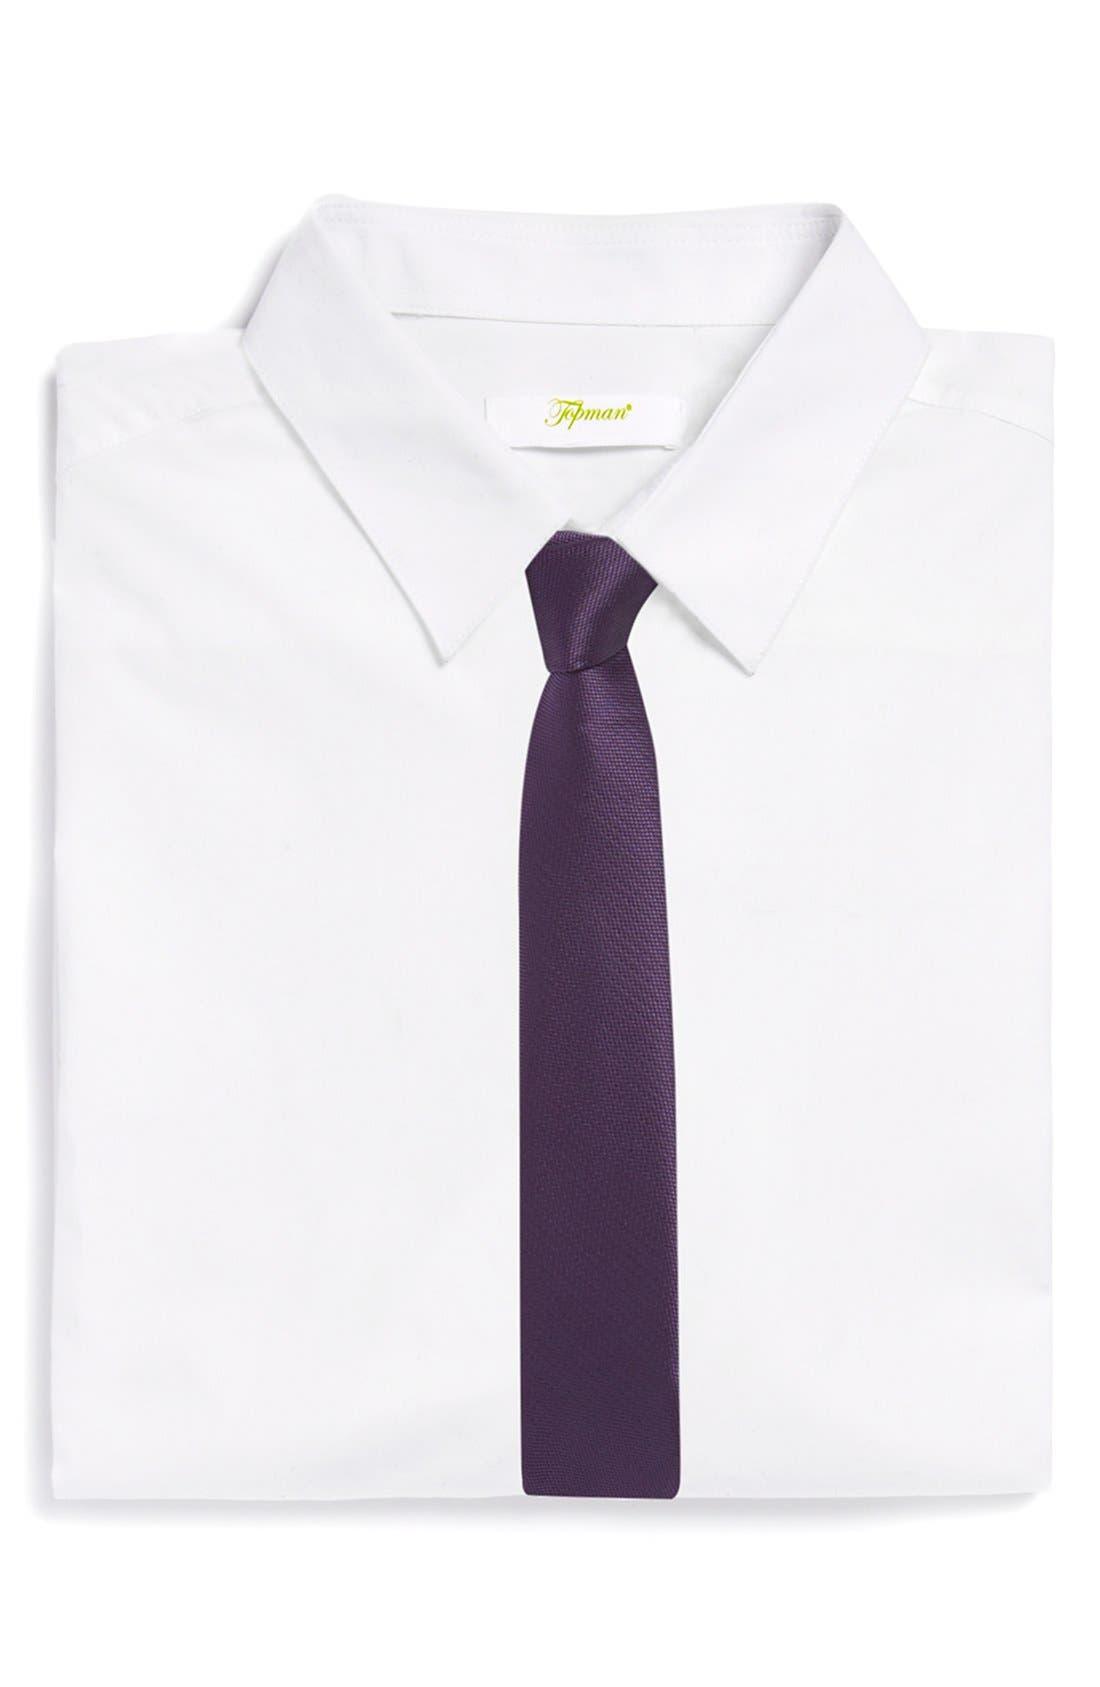 Alternate Image 1 Selected - Topman Slim Burgundy Tie